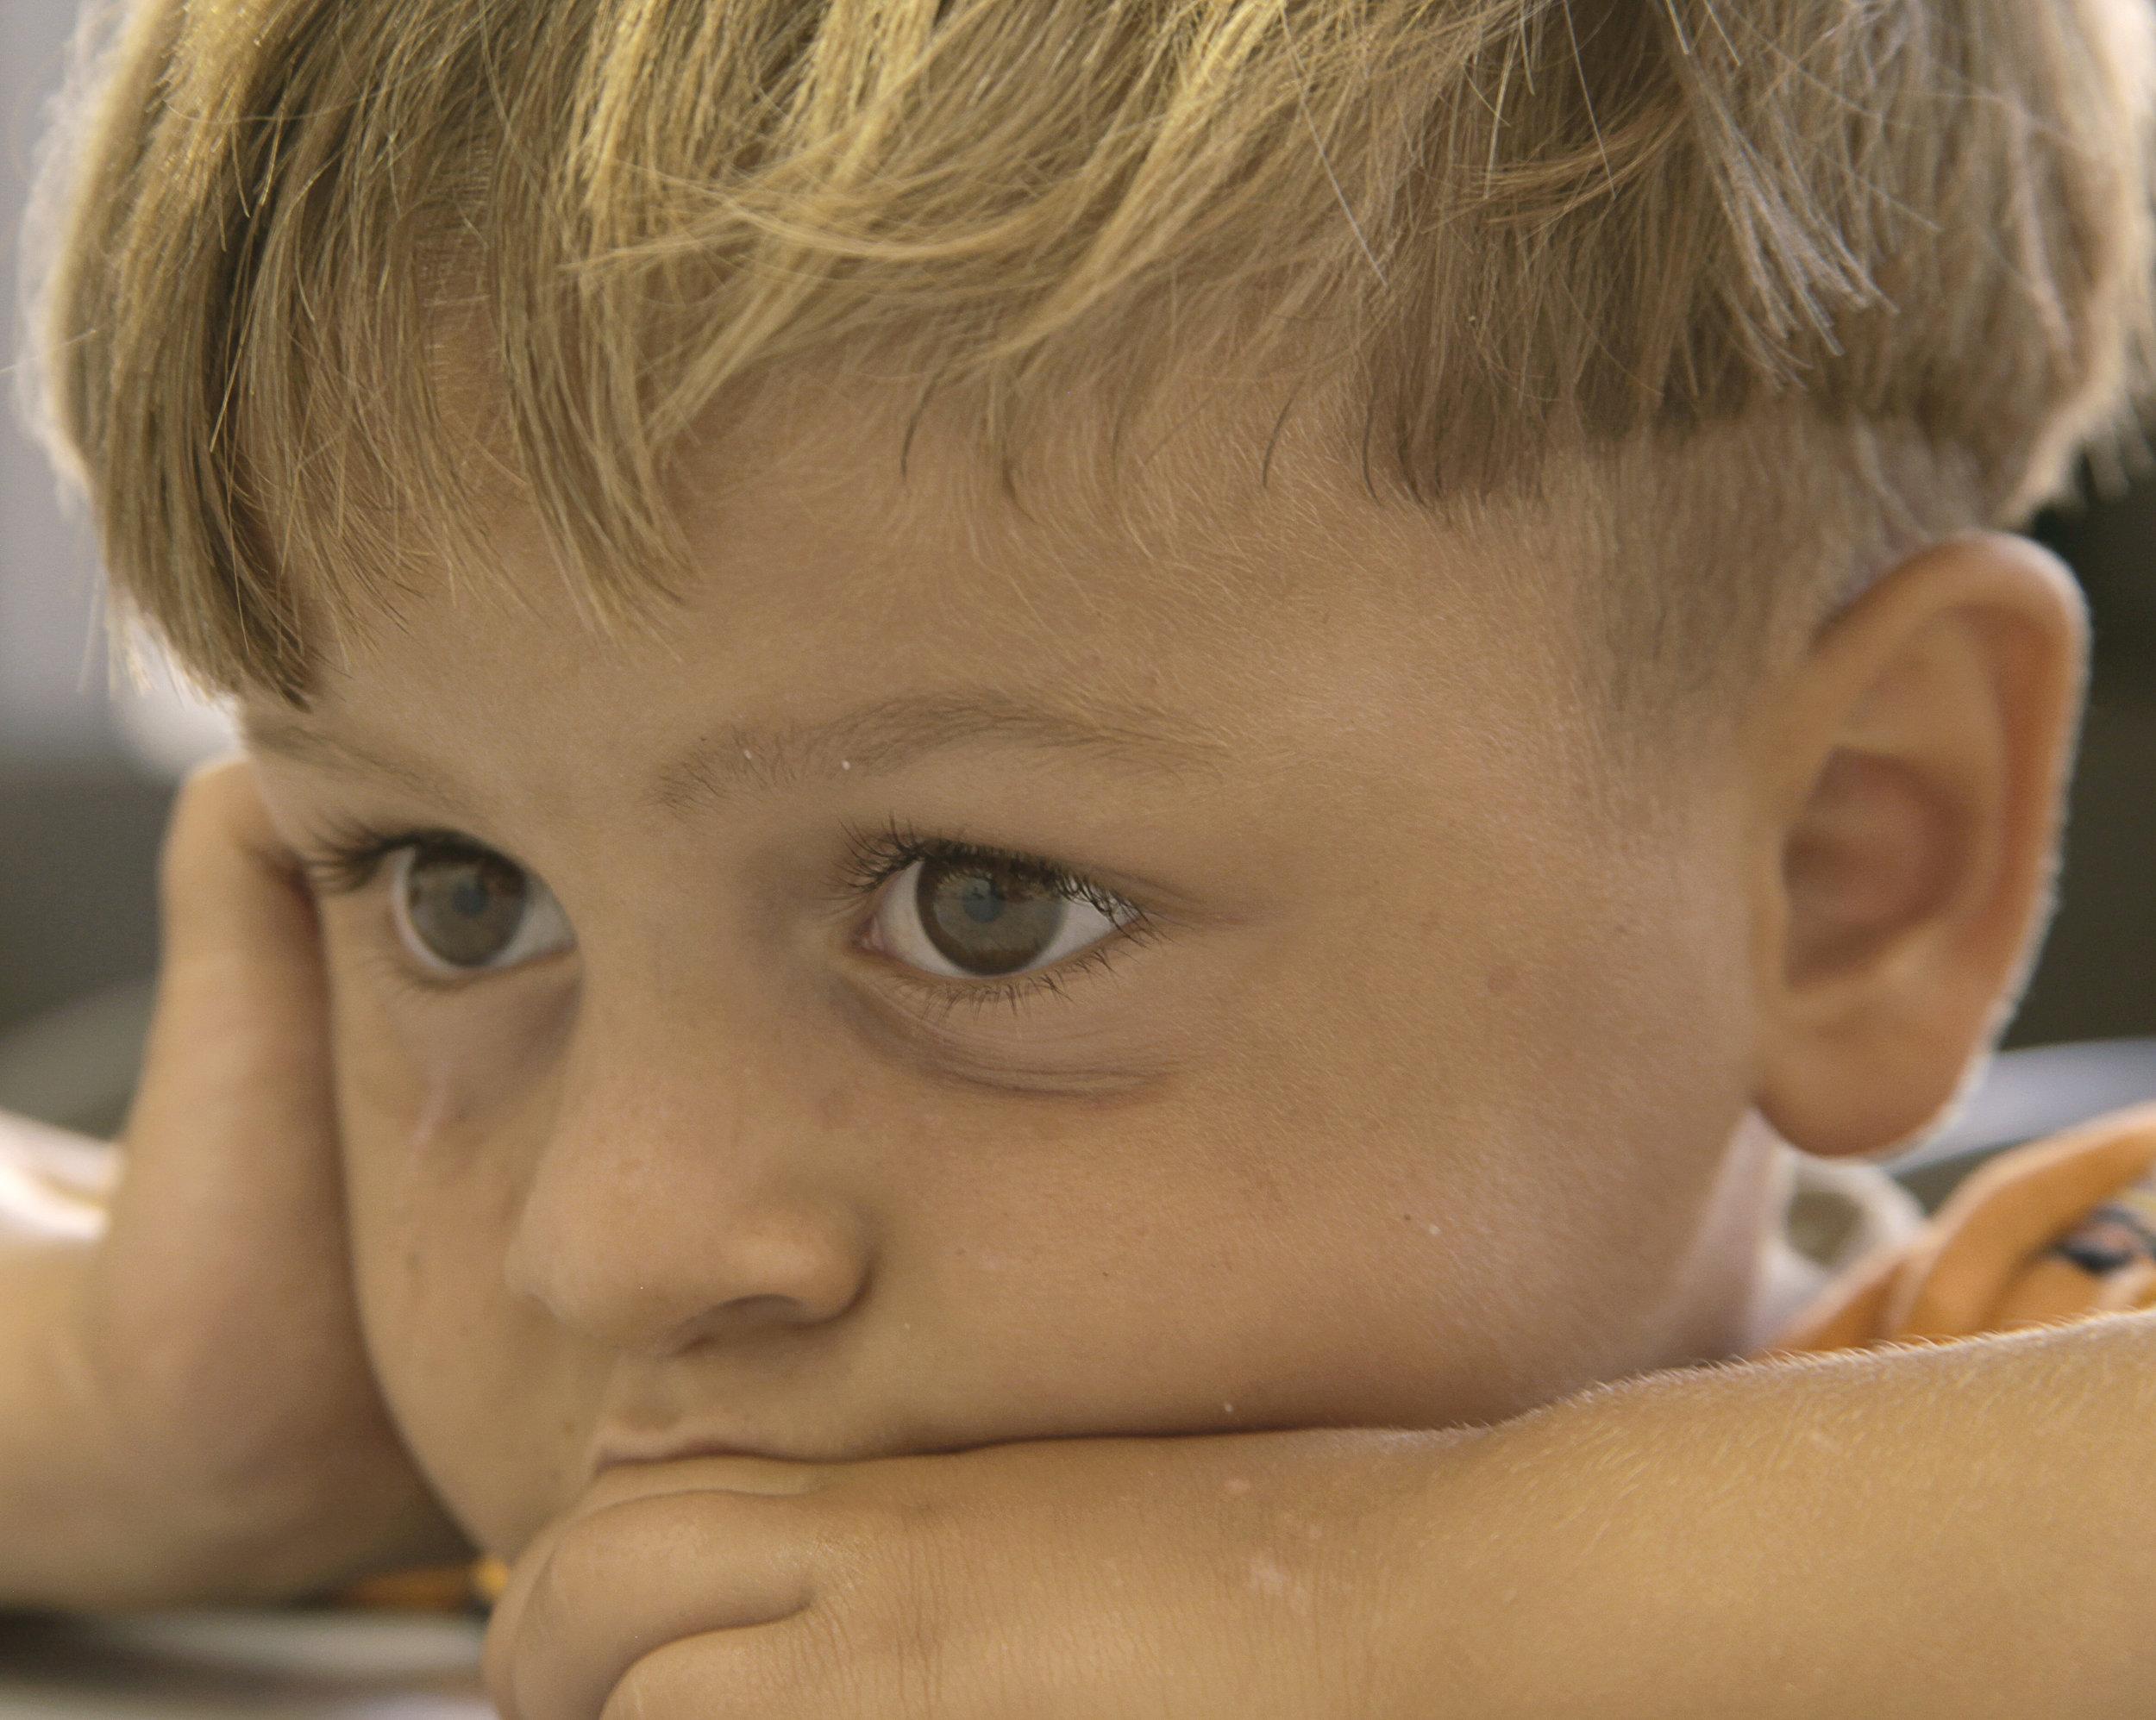 Hassan INARA Arwa Damon Syrian refugee child